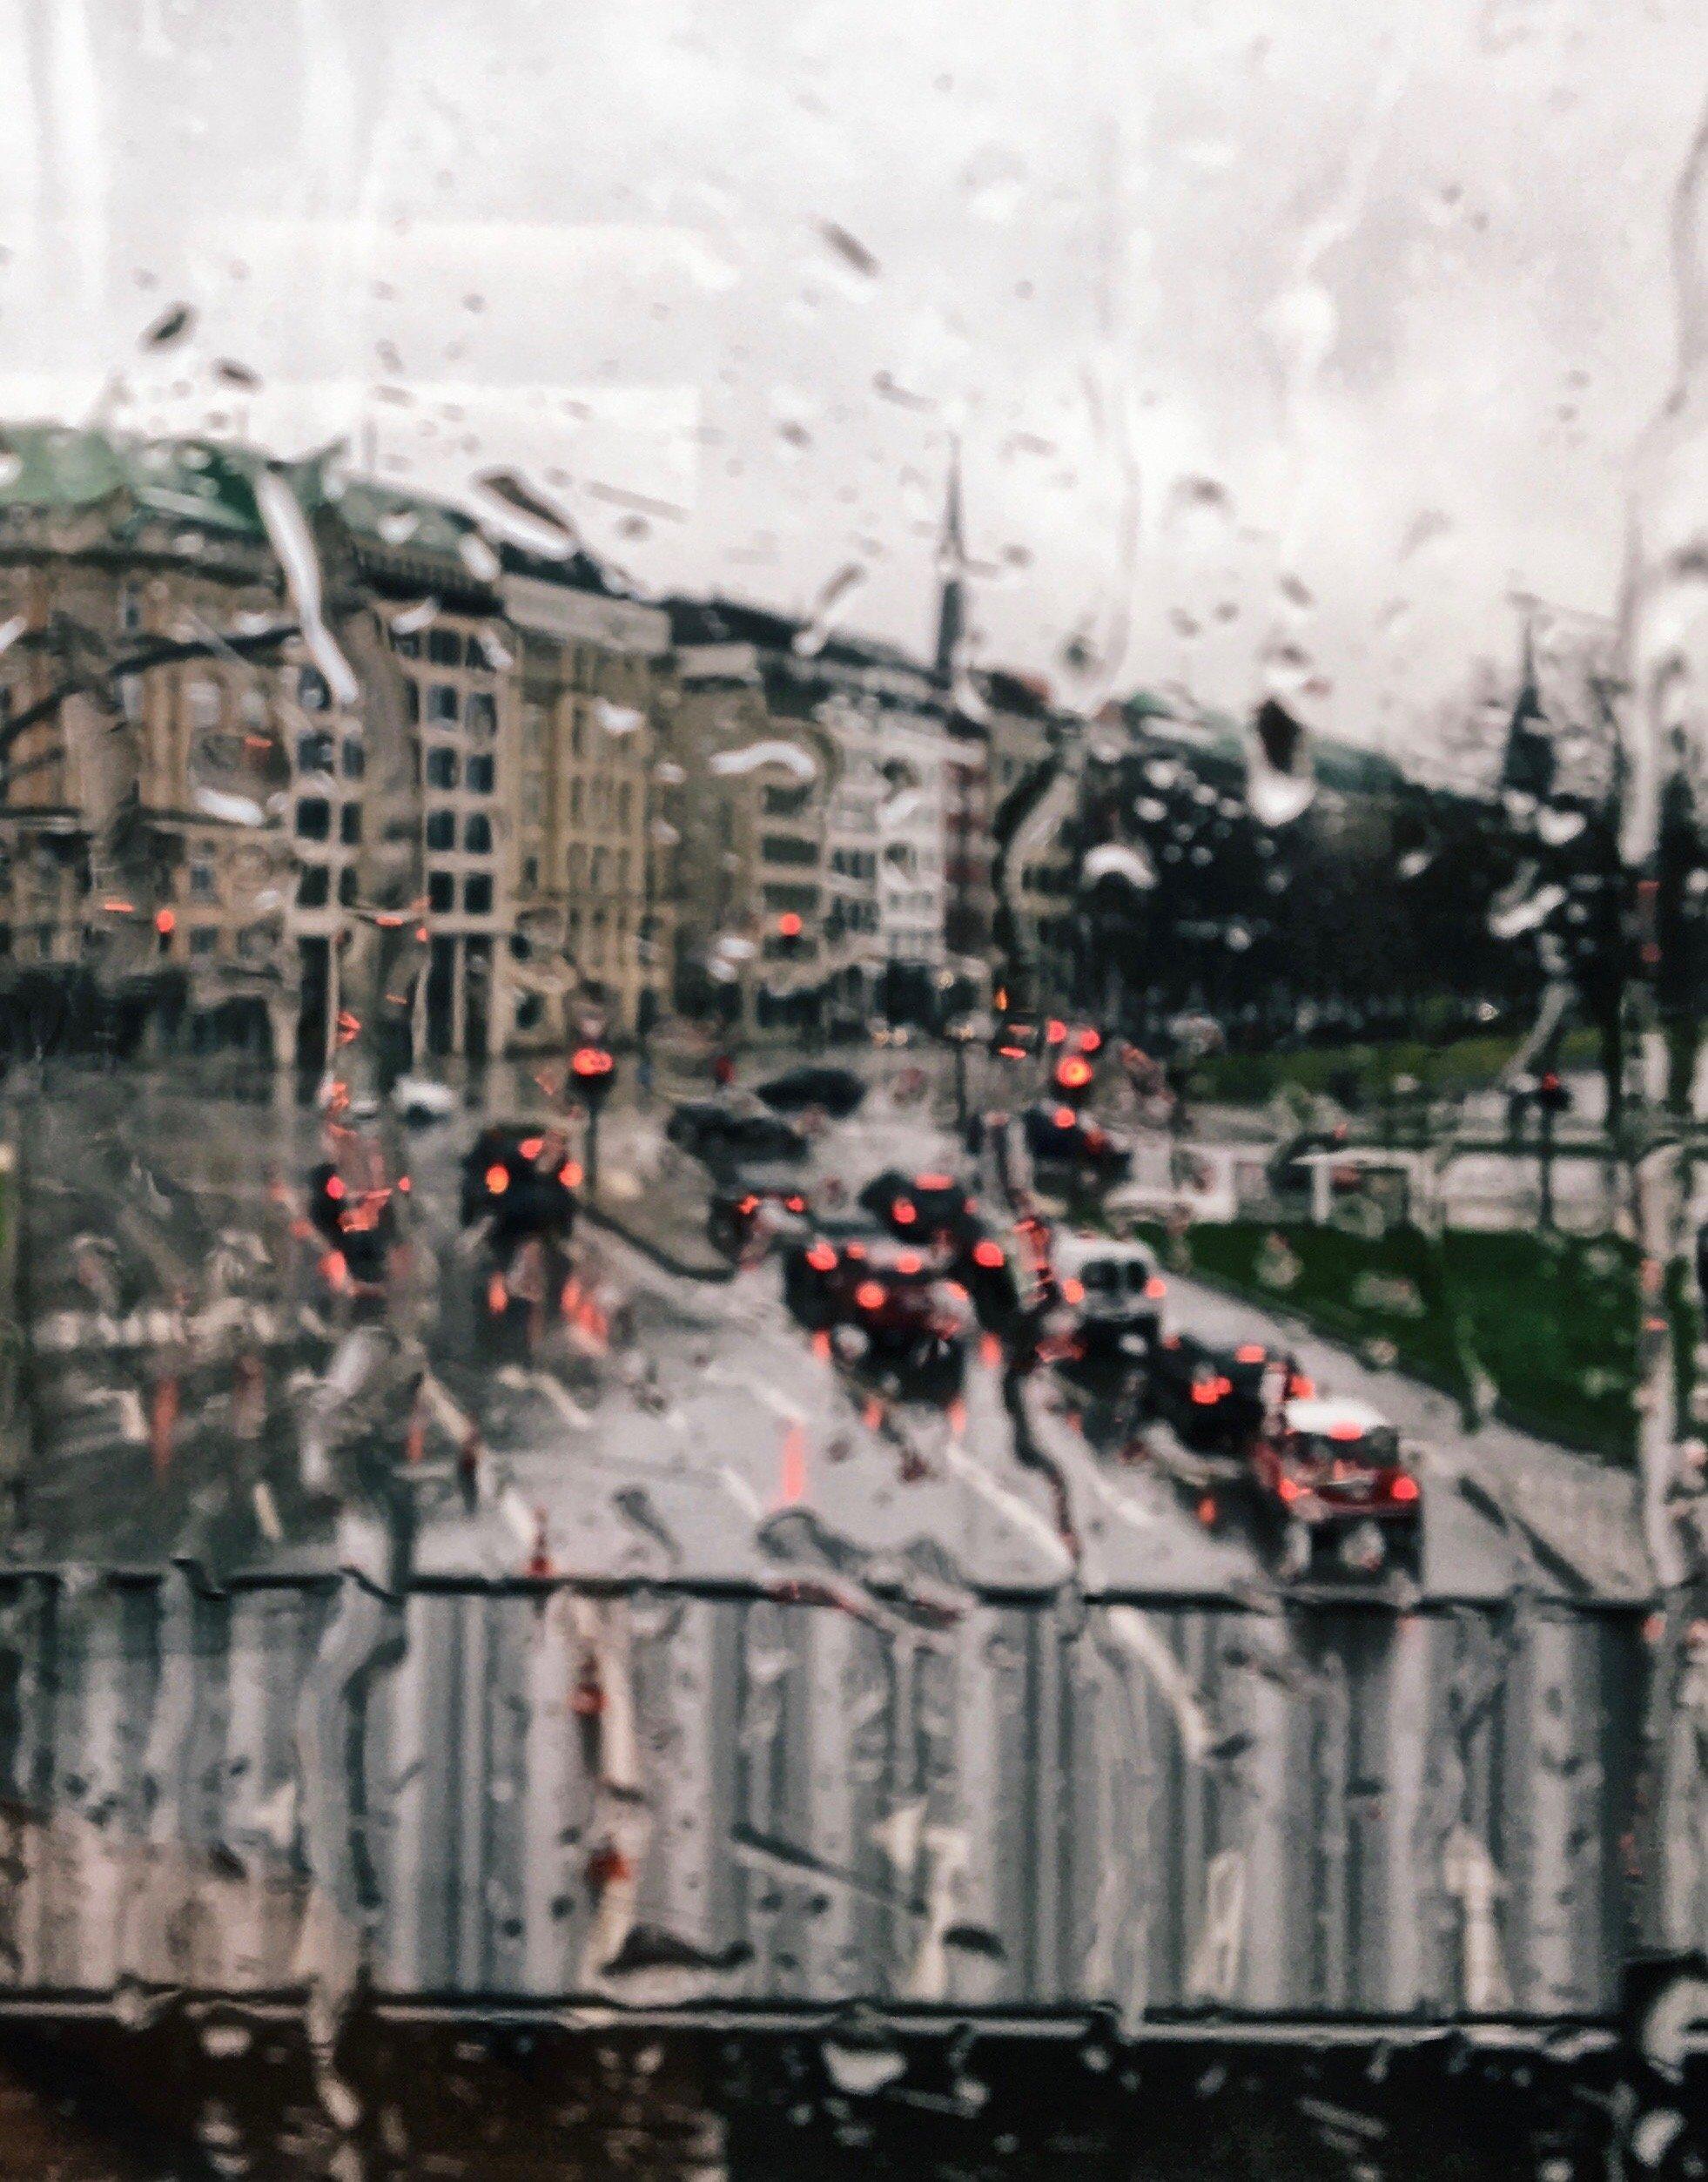 Bus fahren im Regen: HAmburg bei Schmuddelwetter, Tipps von Frau Elbville